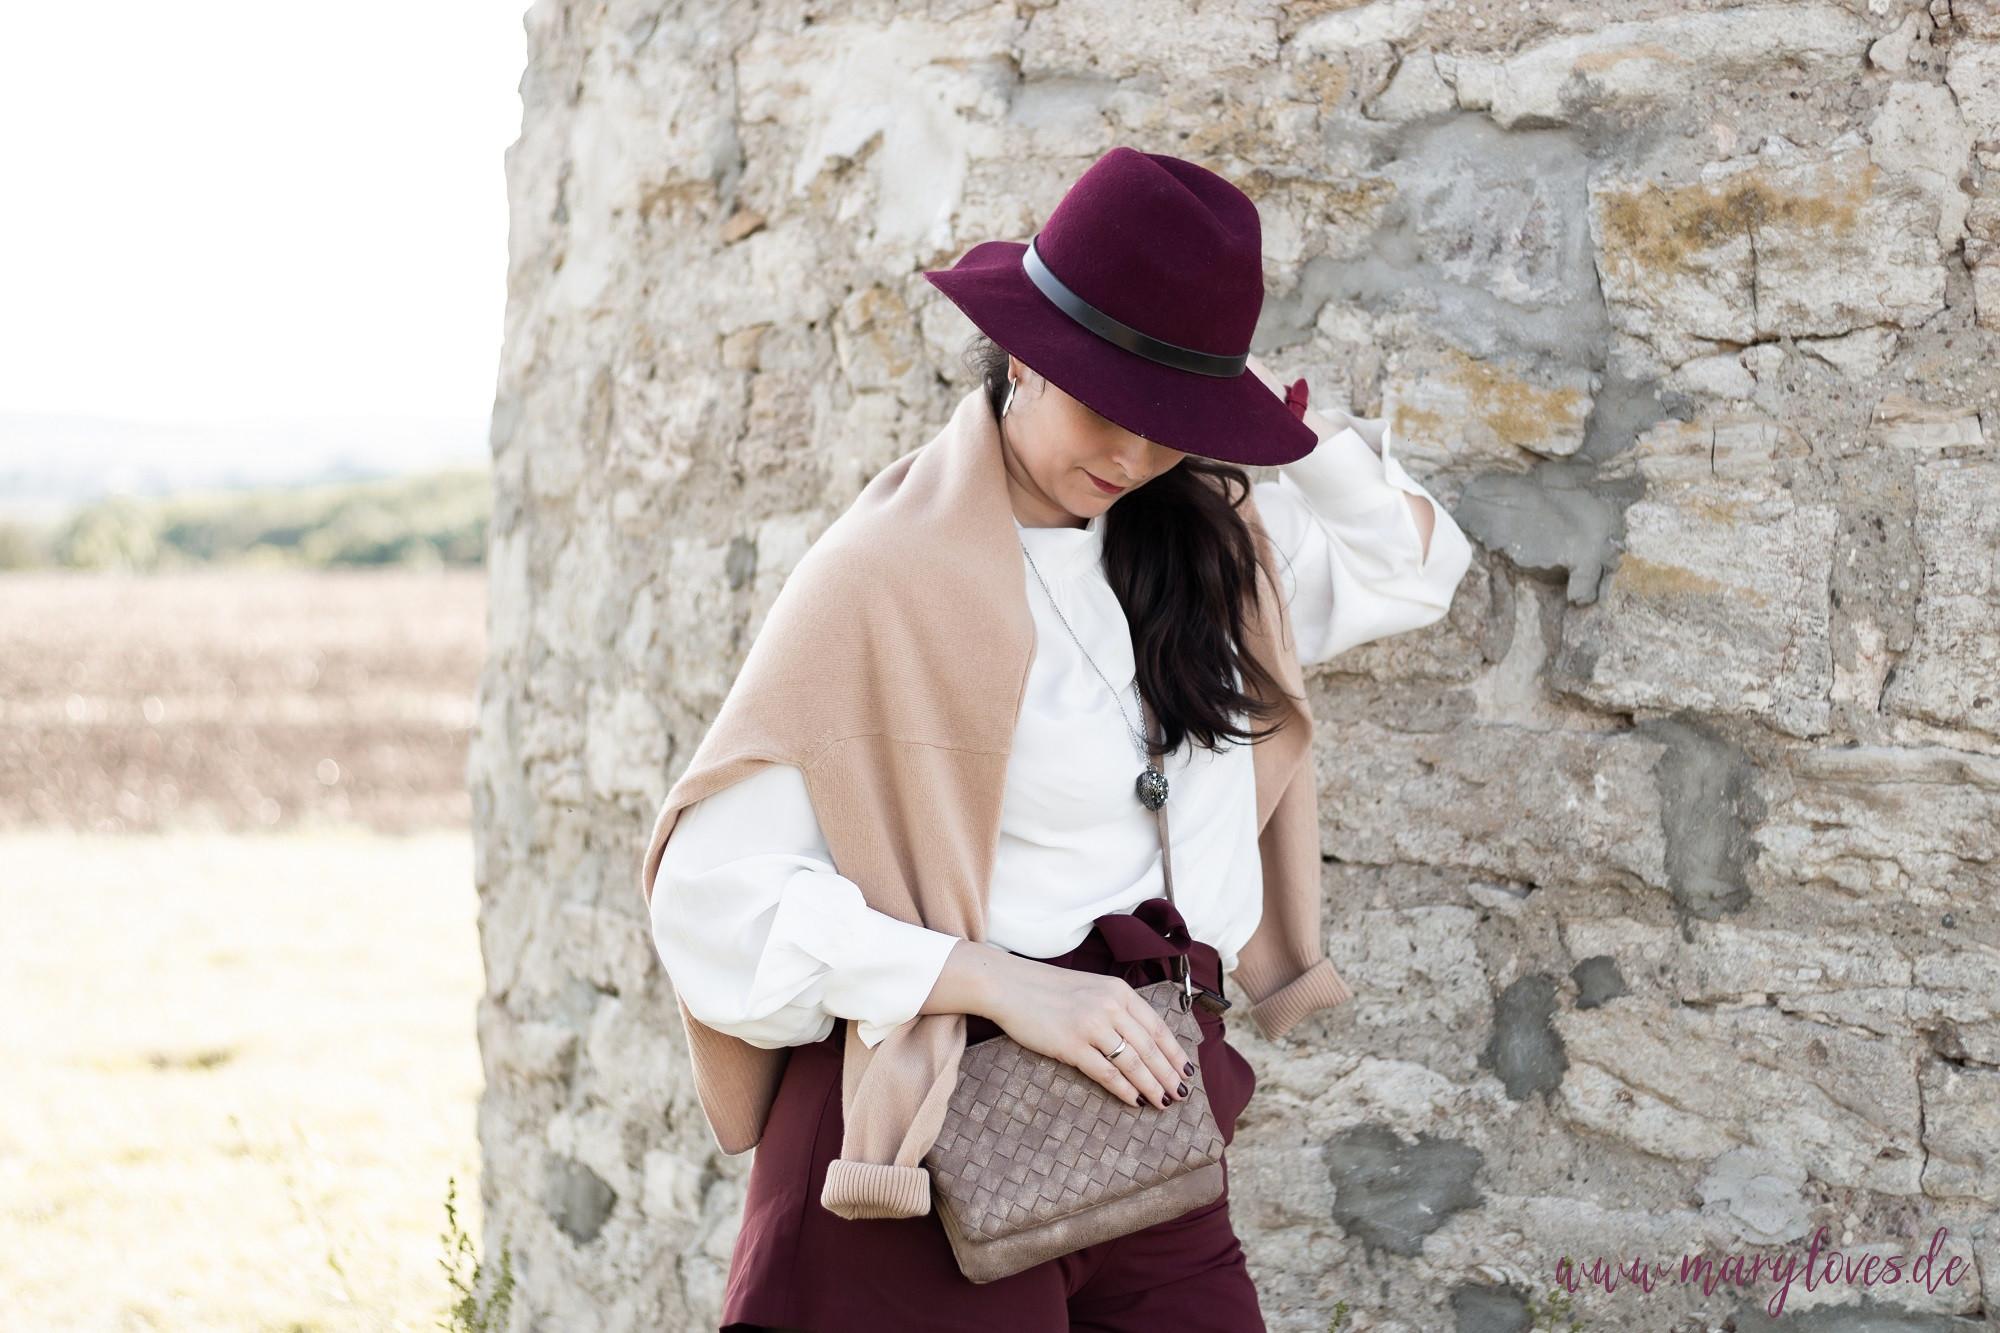 Nachhaltiges Outfit für laue Herbsttage - Mary loves